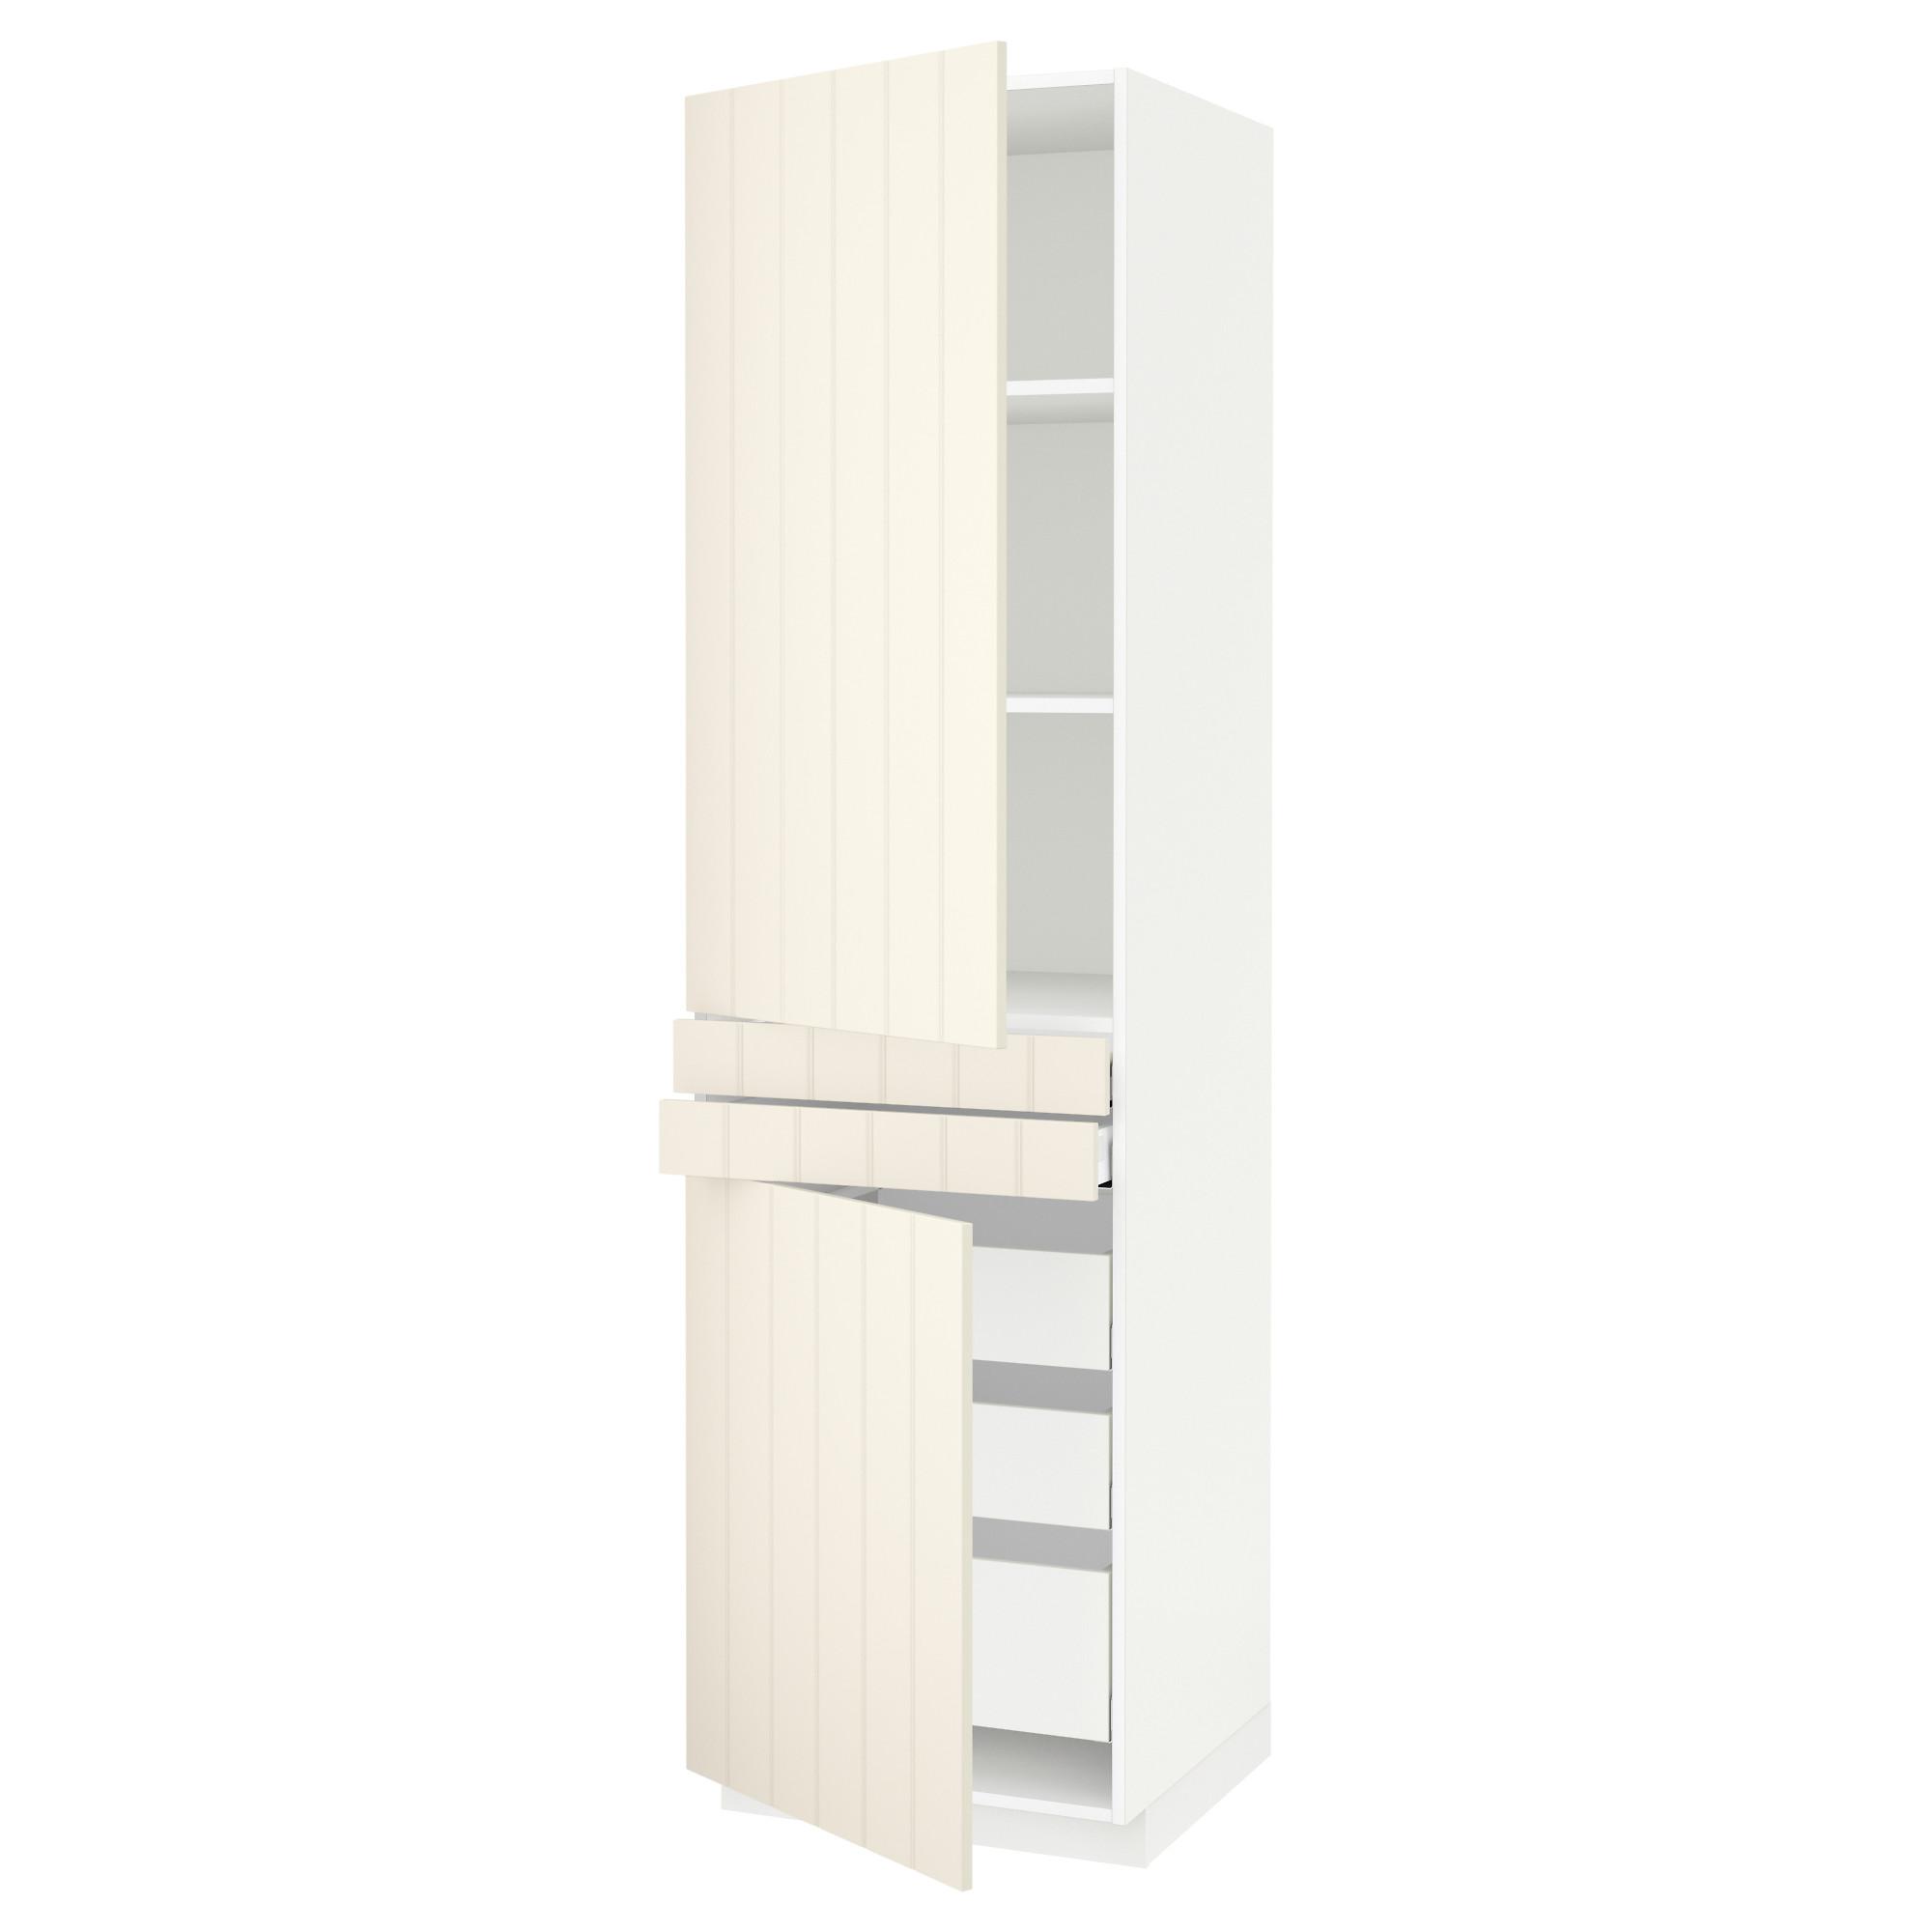 Высокий шкаф + полки, 5 ящиков, 2 дверцы, 2 фронтальных МЕТОД / МАКСИМЕРА белый артикуль № 992.307.47 в наличии. Интернет сайт IKEA Минск. Быстрая доставка и монтаж.